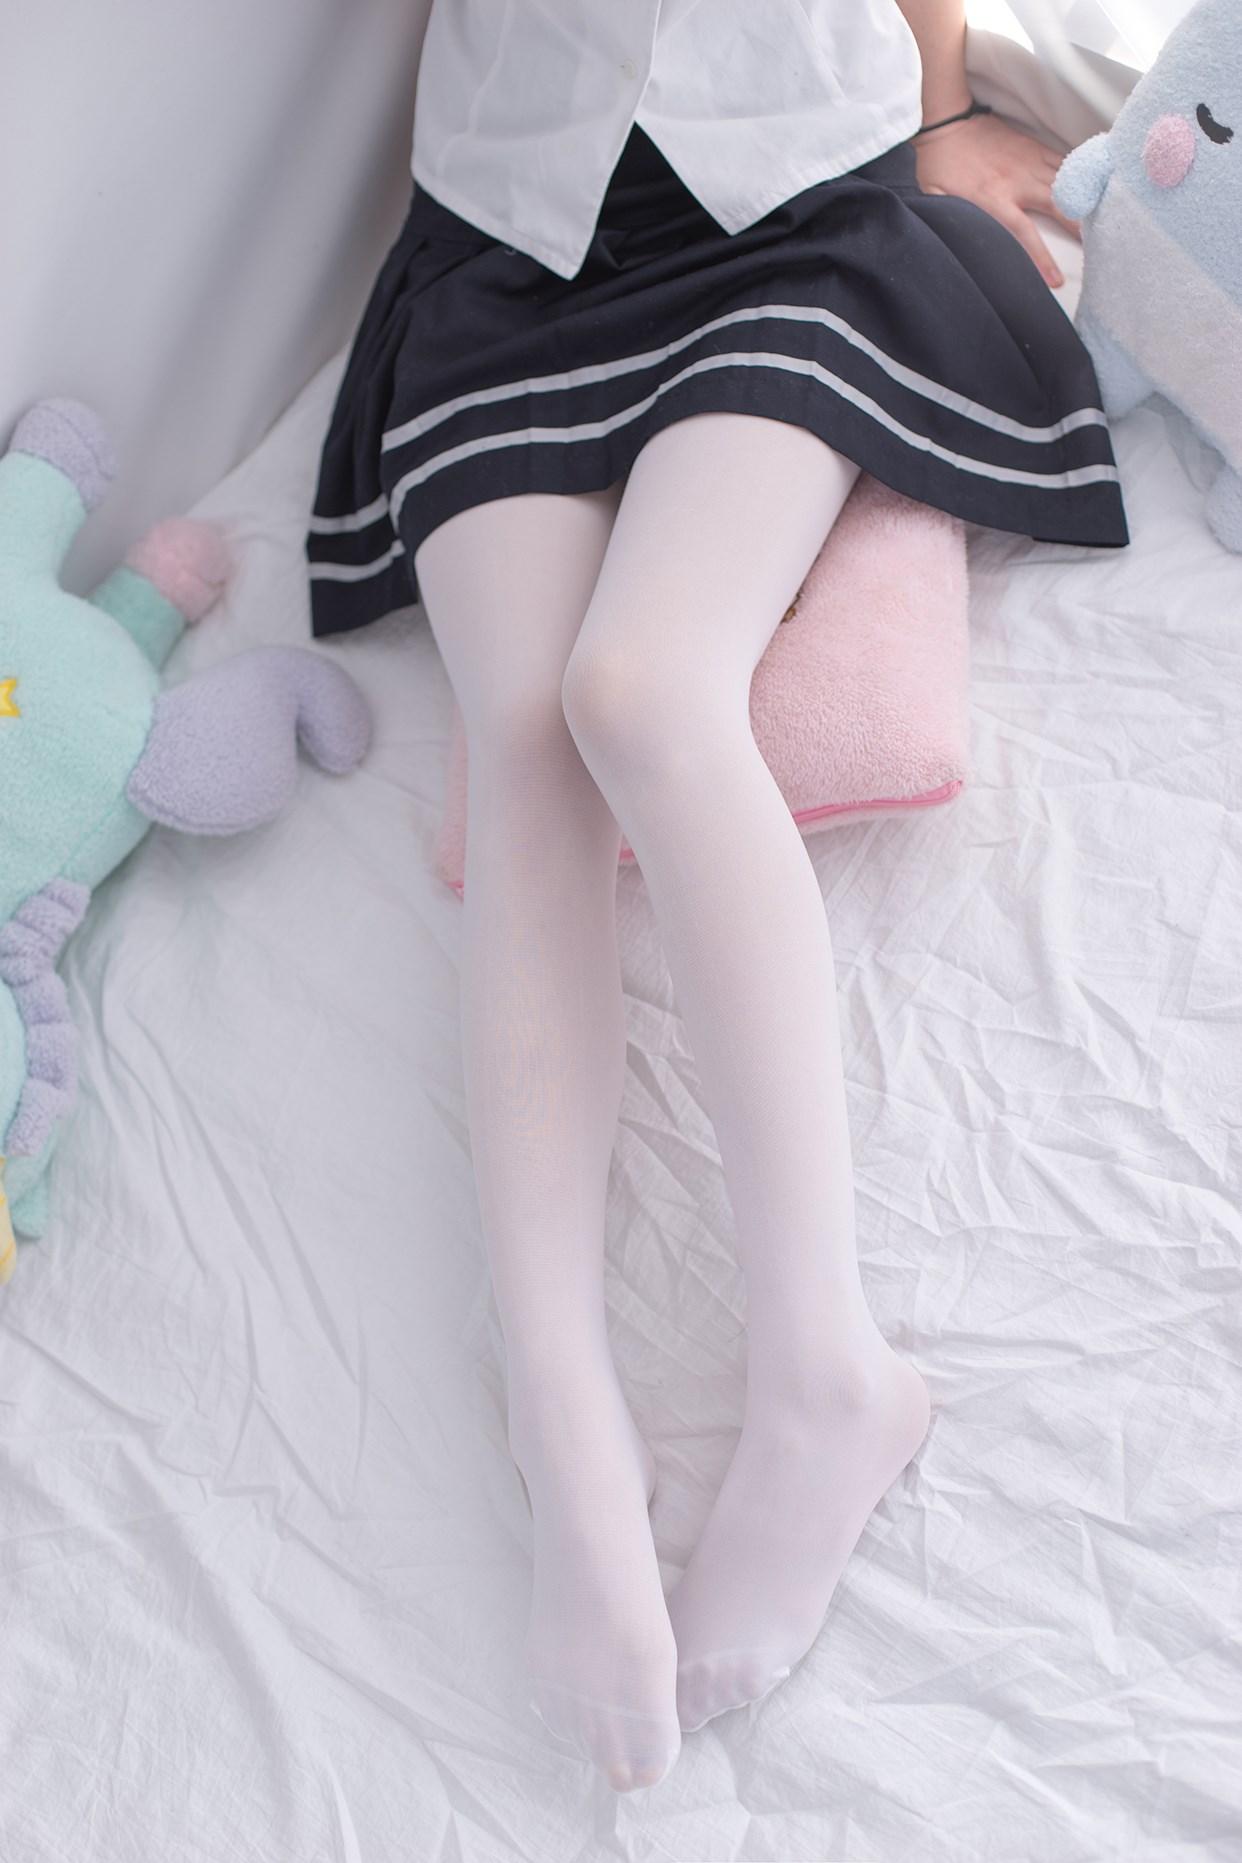 【兔玩映画】这腿炒鸡细 兔玩映画 第7张